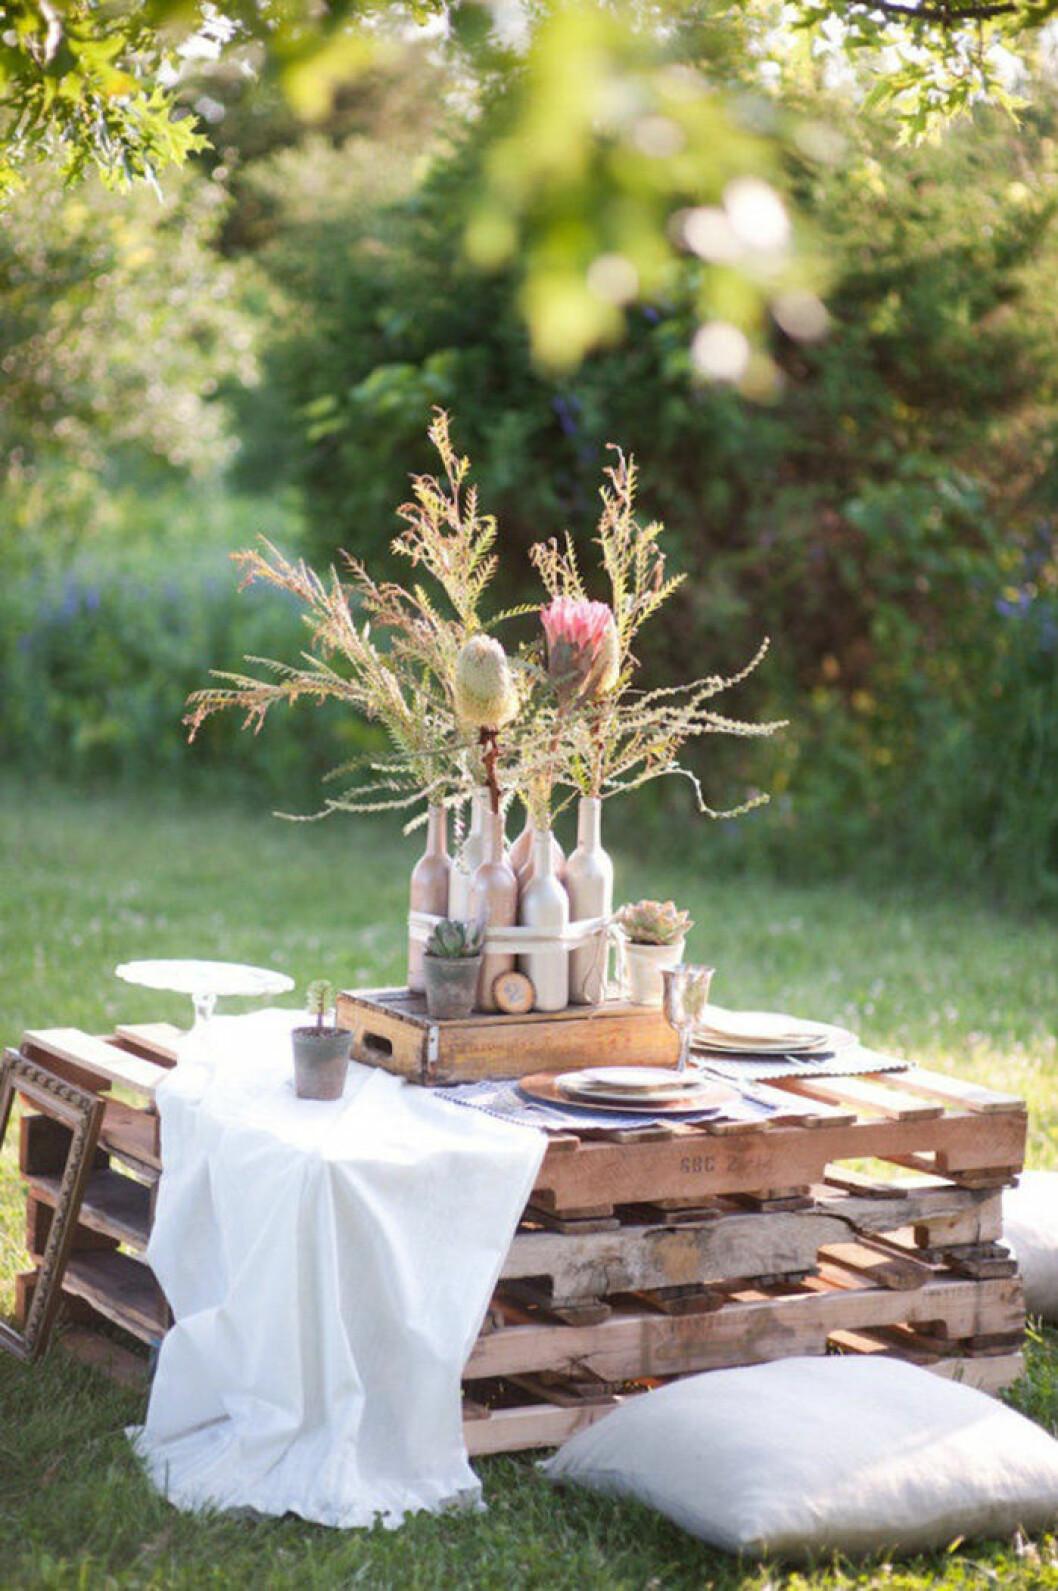 Använd lastpallar som bord utomhus